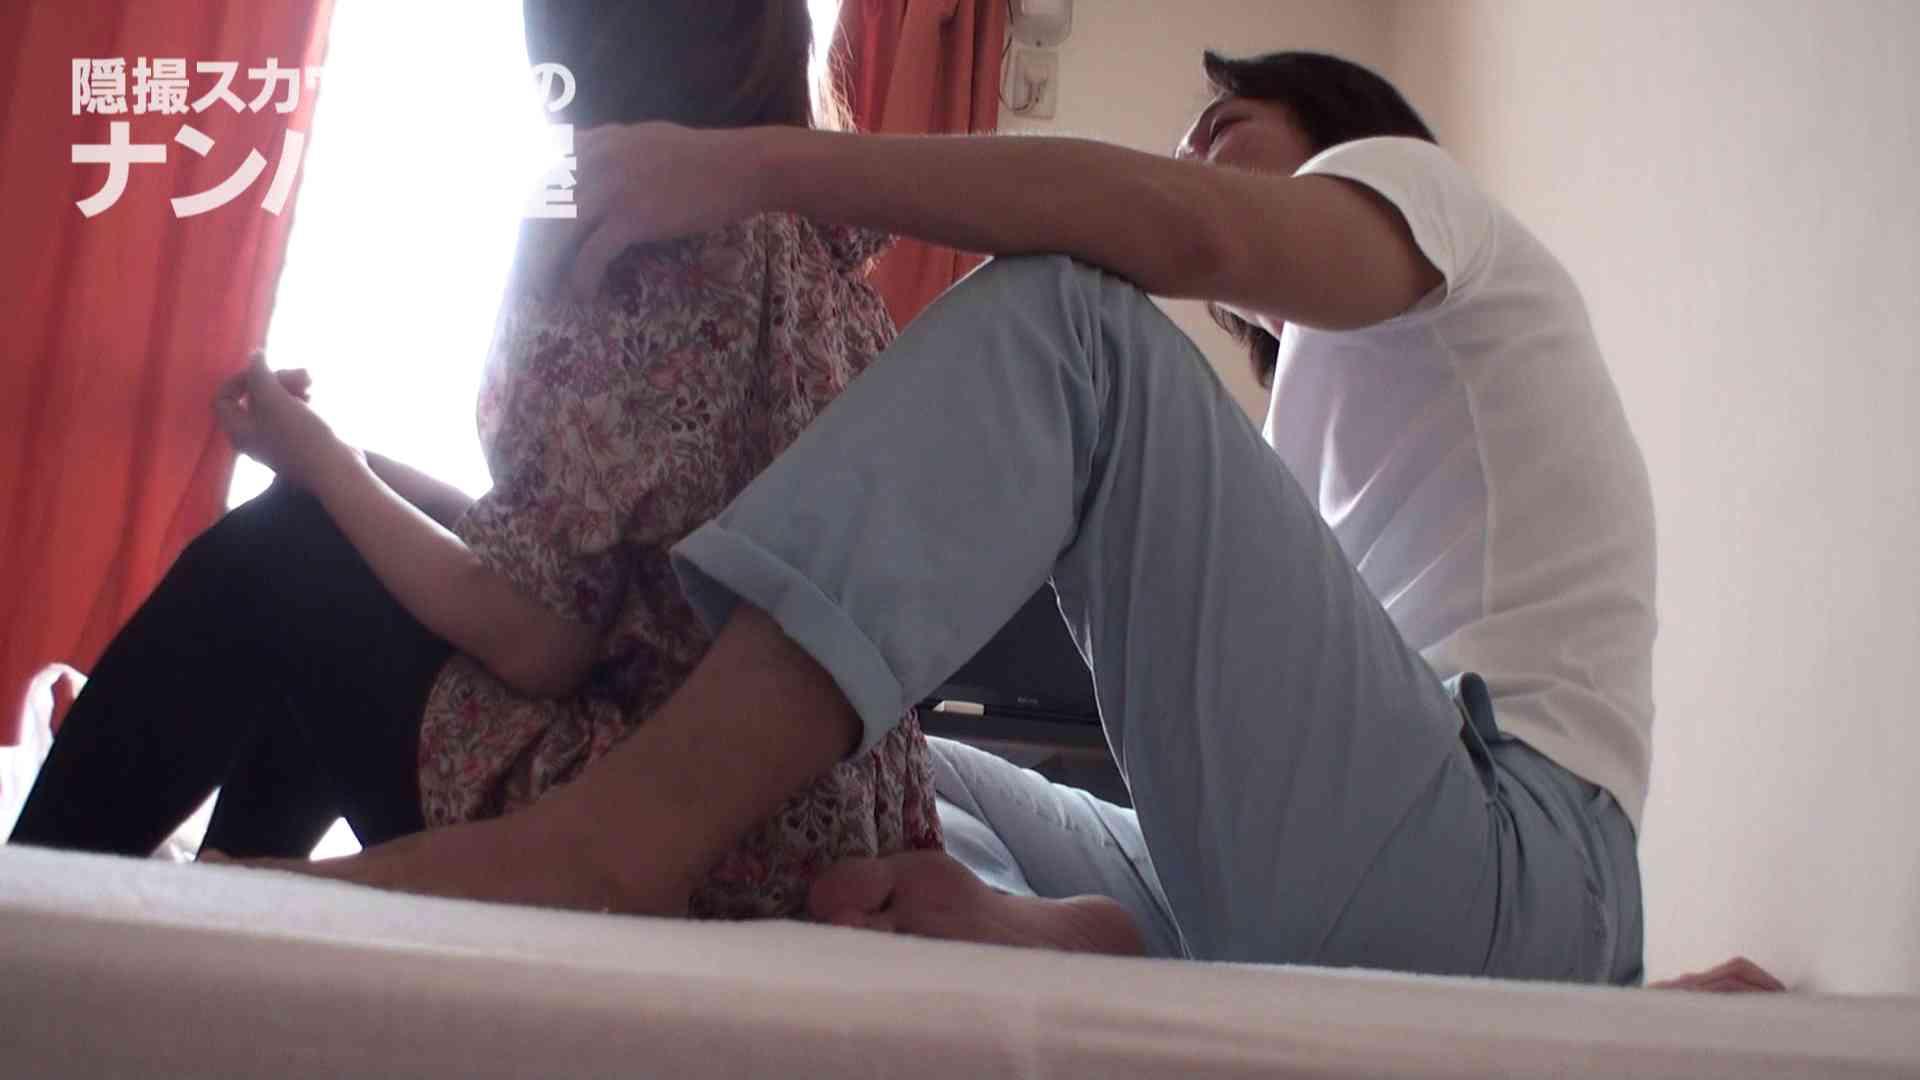 隠撮スカウトマンのナンパ部屋~風俗デビュー前のつまみ食い~ sii 隠撮   ナンパ  98pic 22